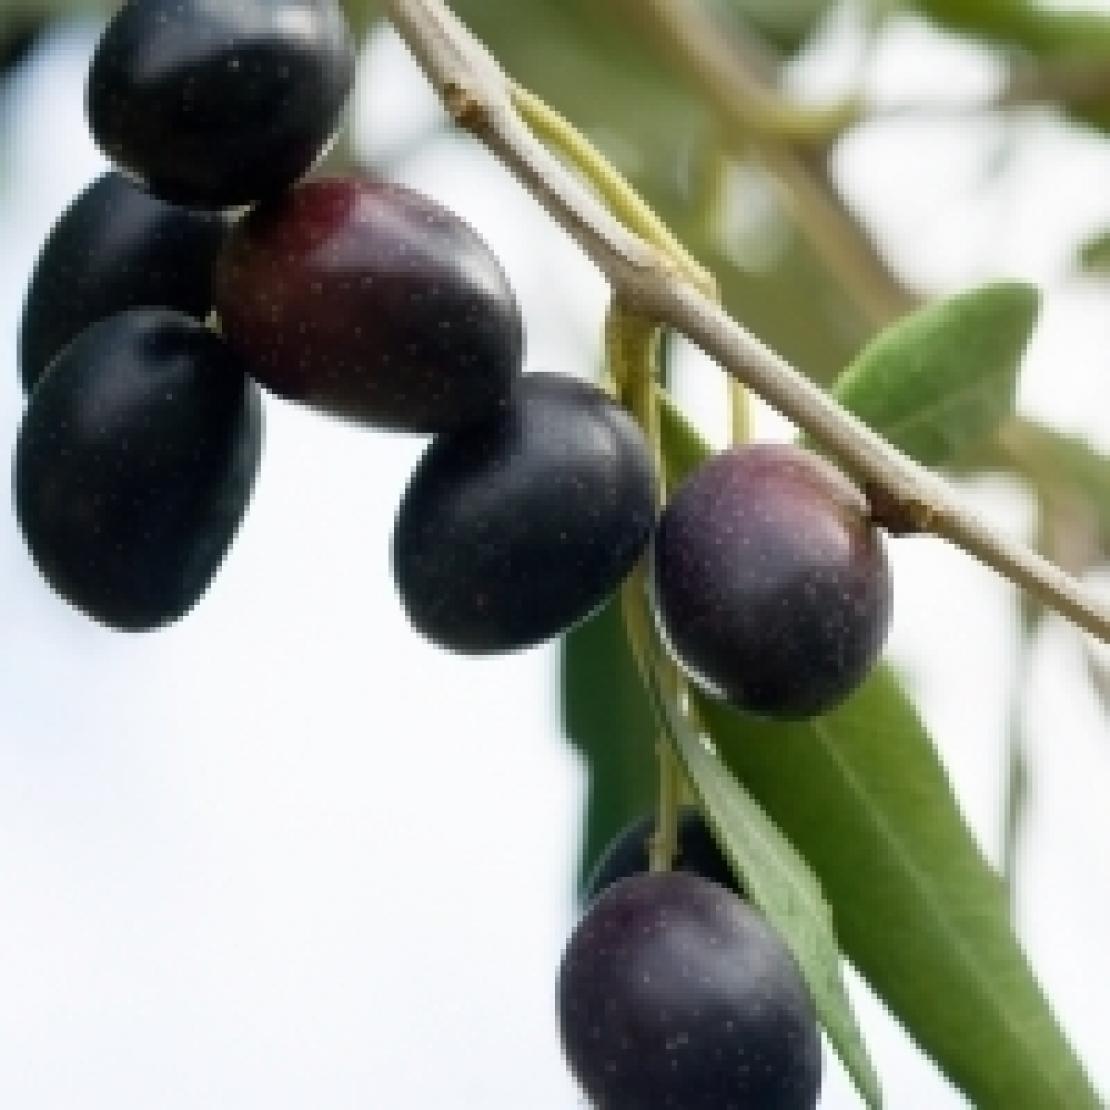 Le varietà di olivo, una biodiversità da conoscere e riconoscere